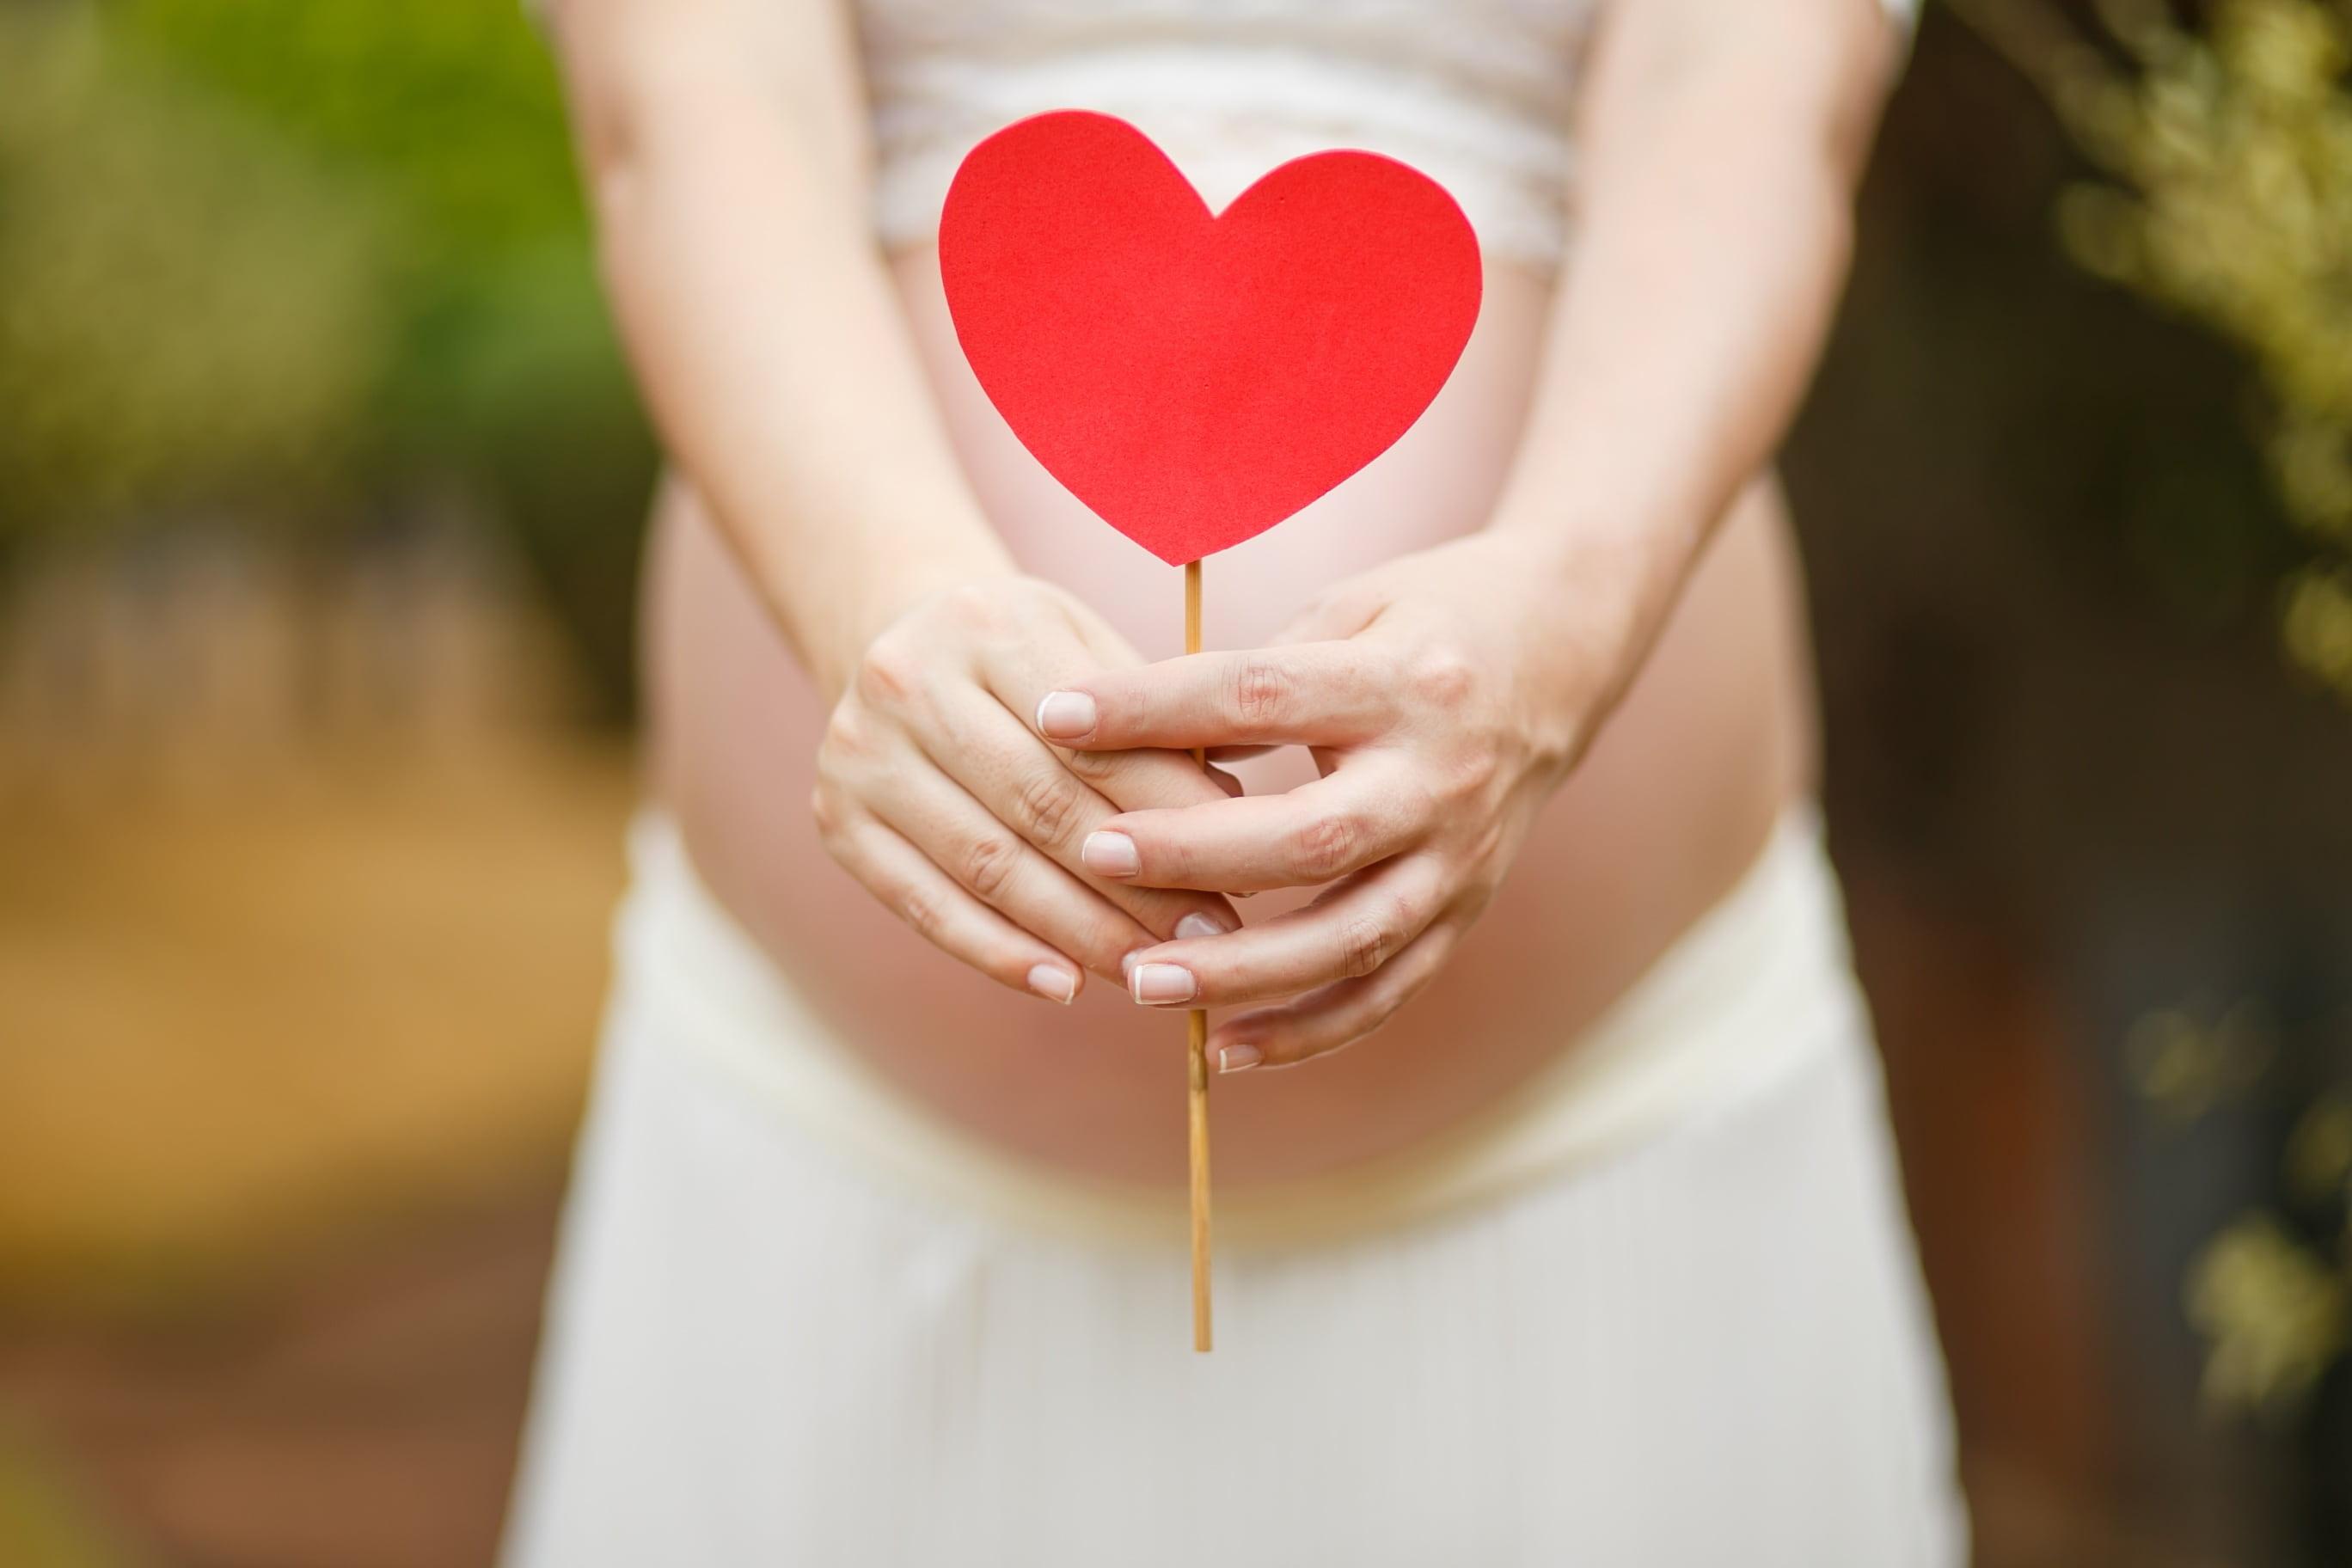 magas vérnyomás kezelése szoptató anyáknál)